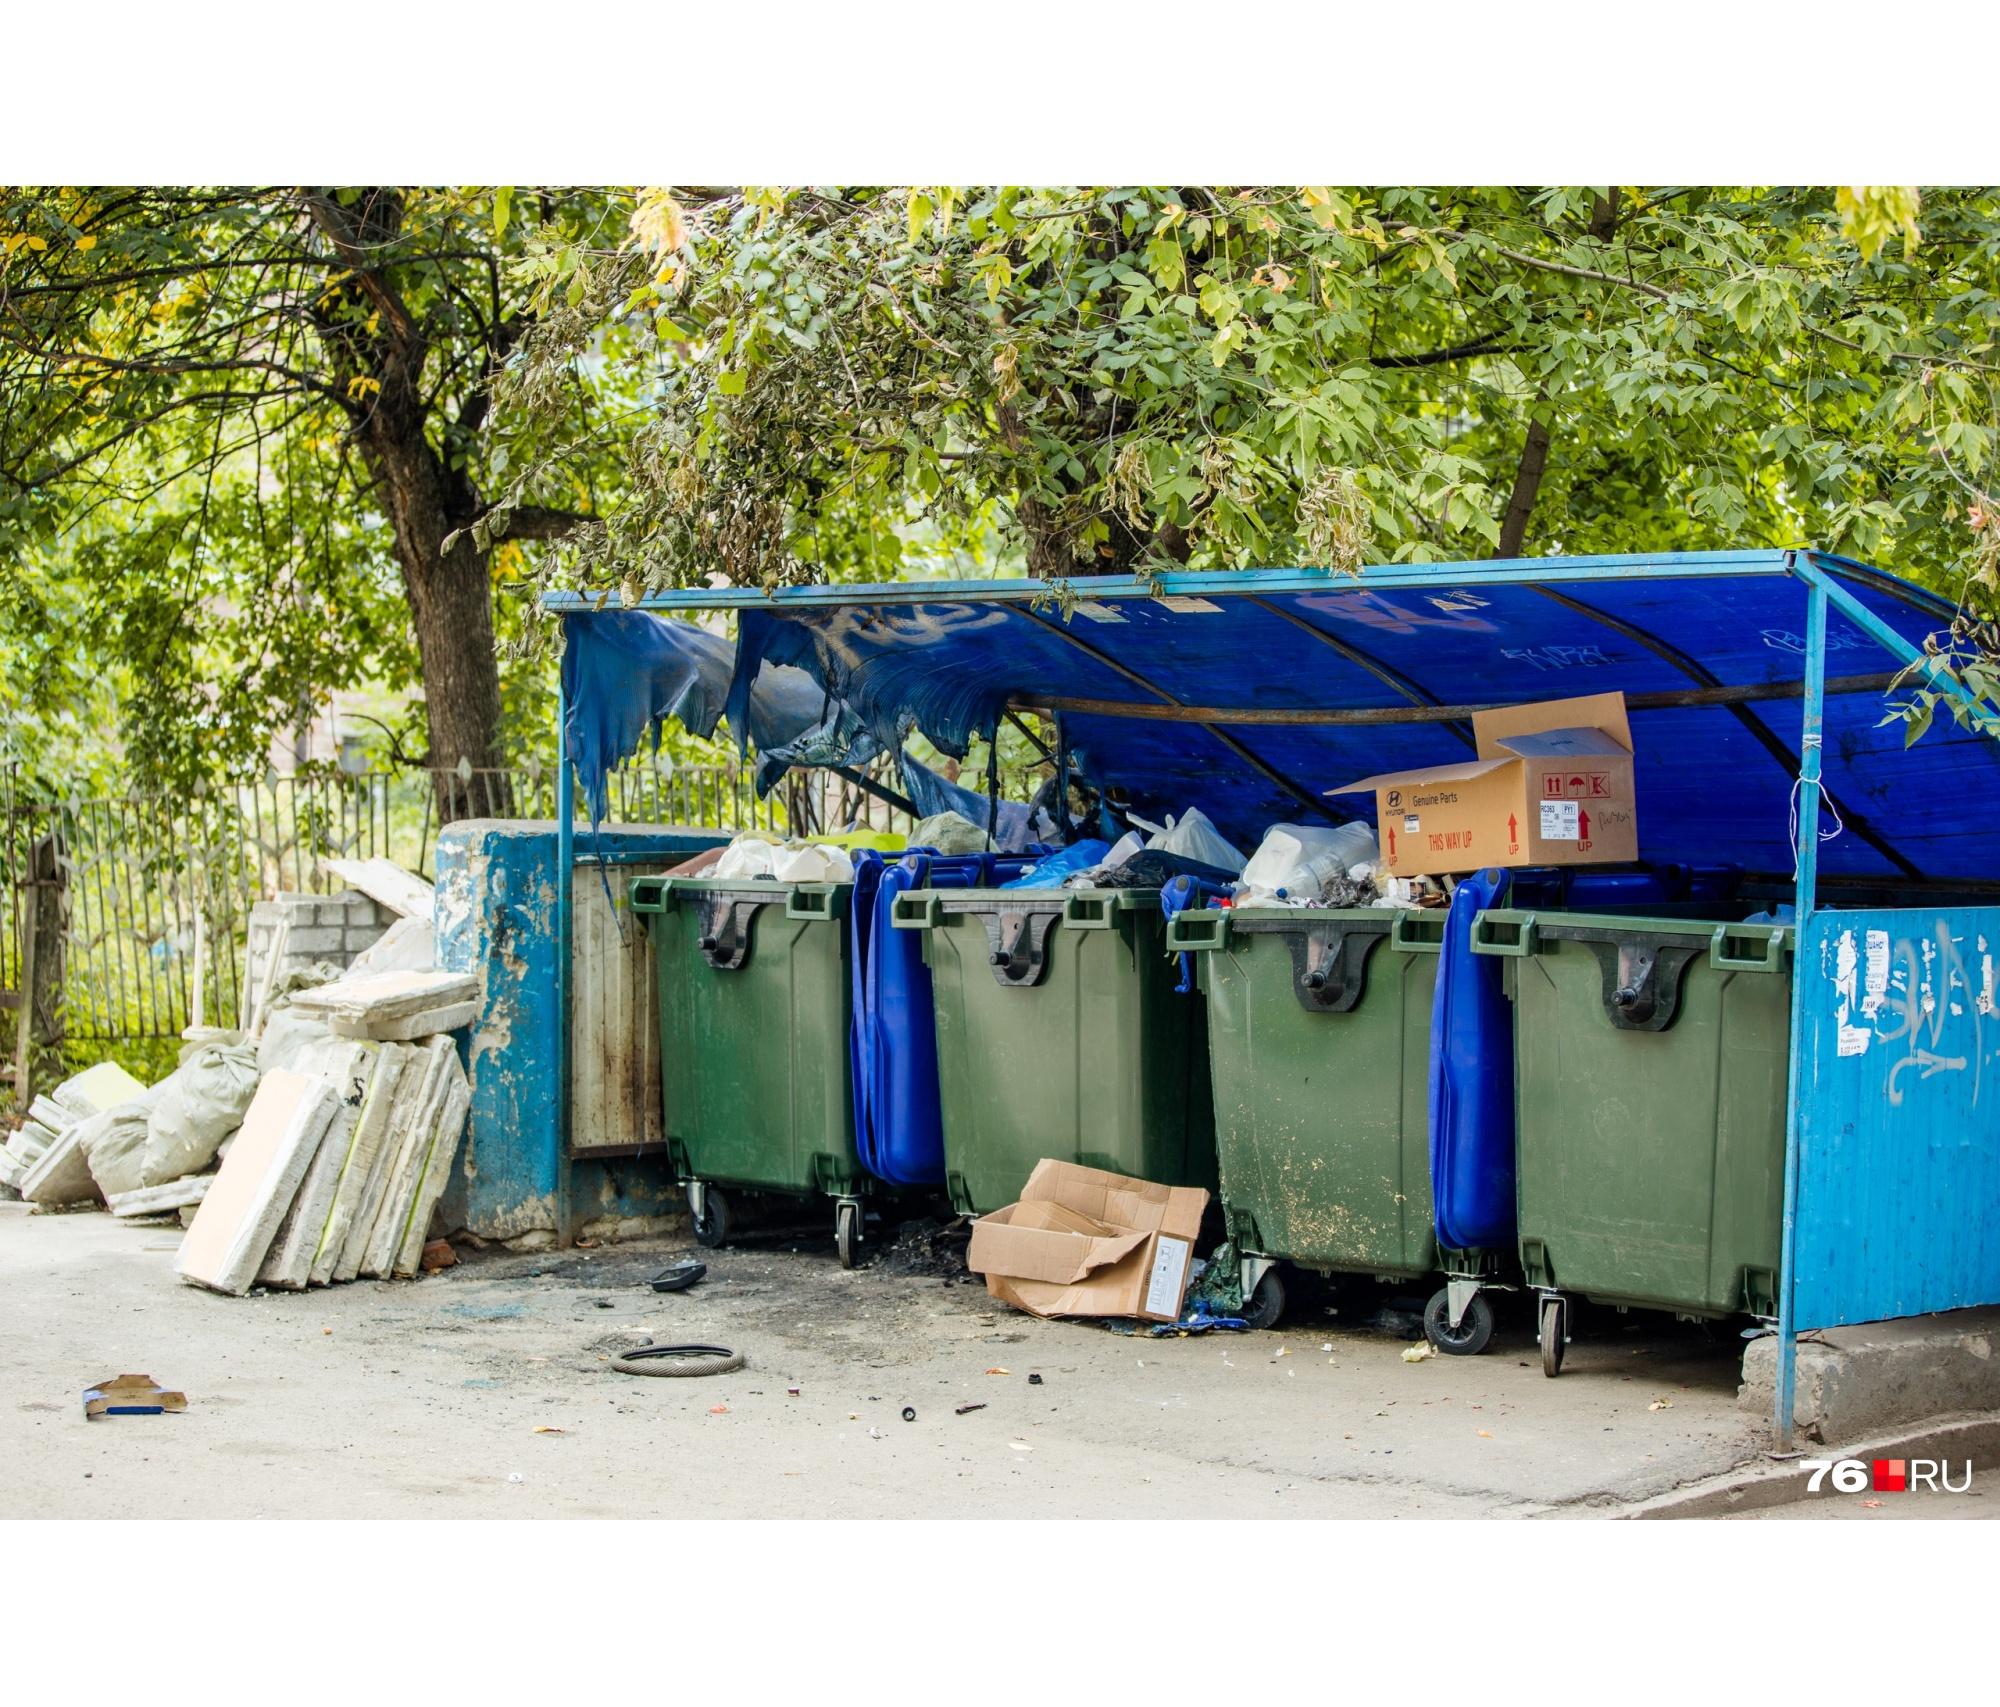 Для жителей Ярославской области введут льготный тариф на вывоз мусора. Но не для всех